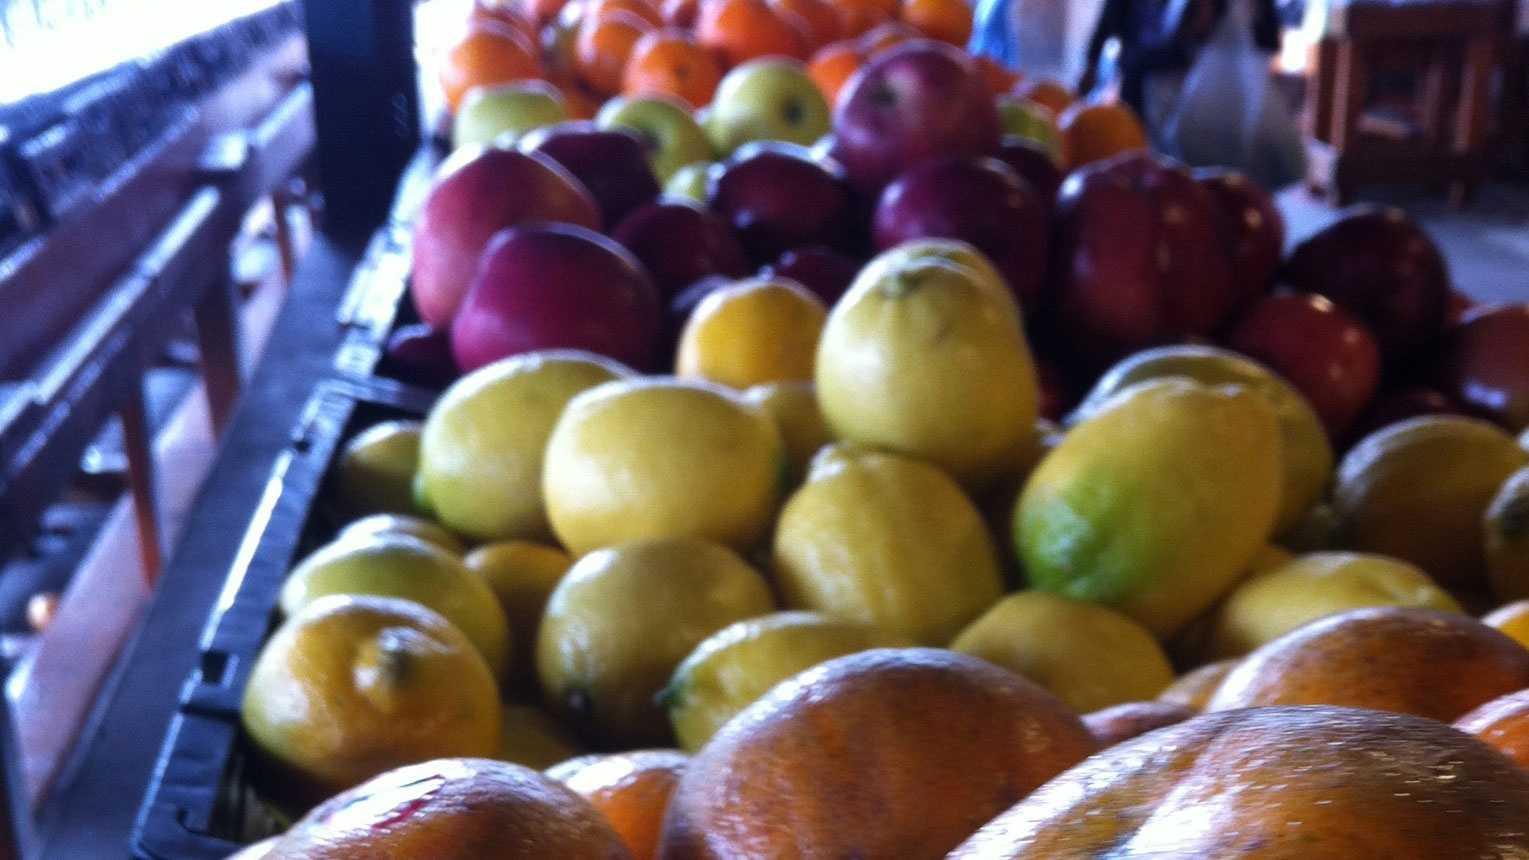 Generic fruit